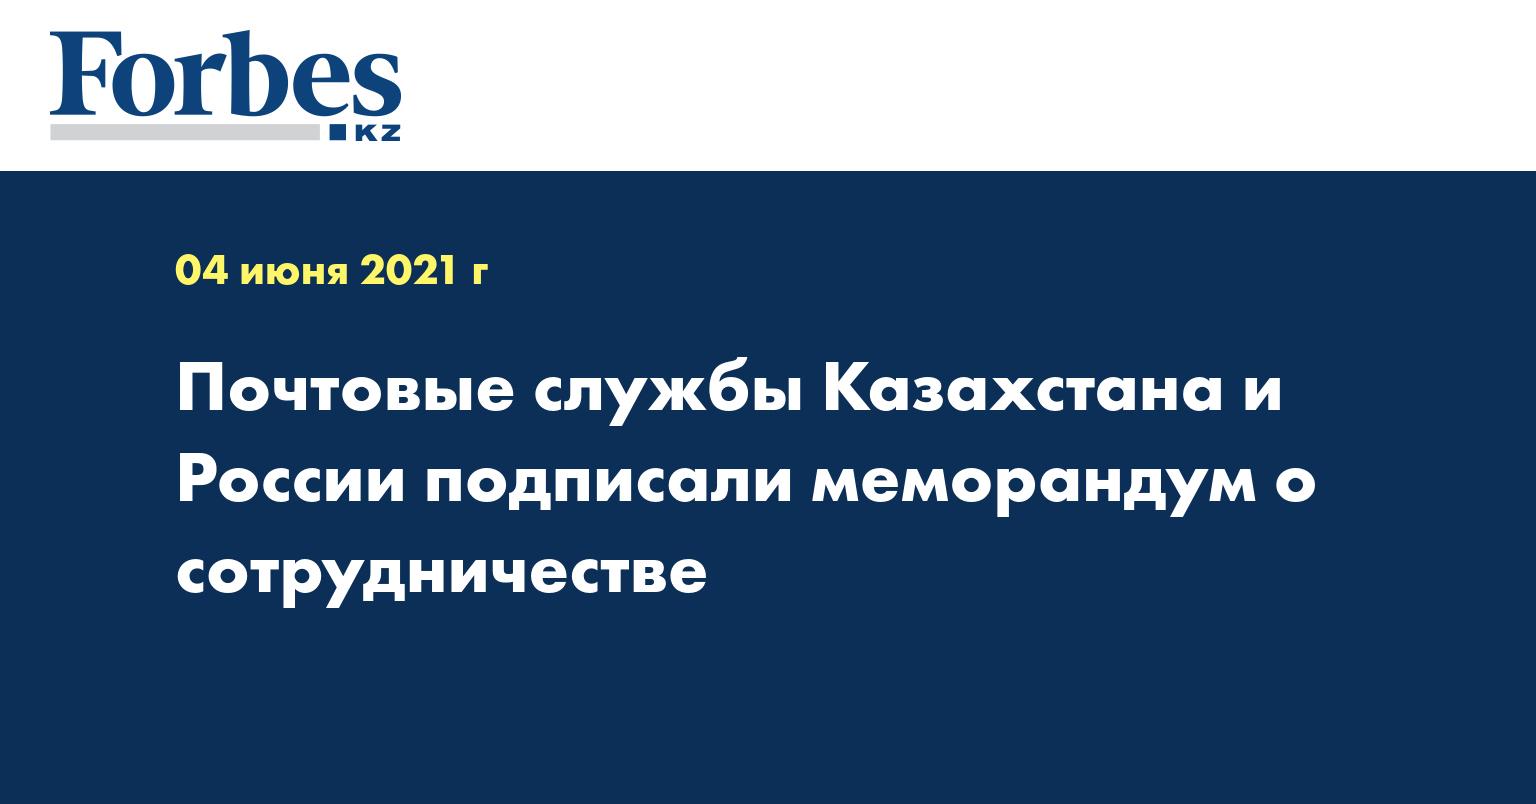 Почтовые службы Казахстана и России подписали меморандум о сотрудничестве